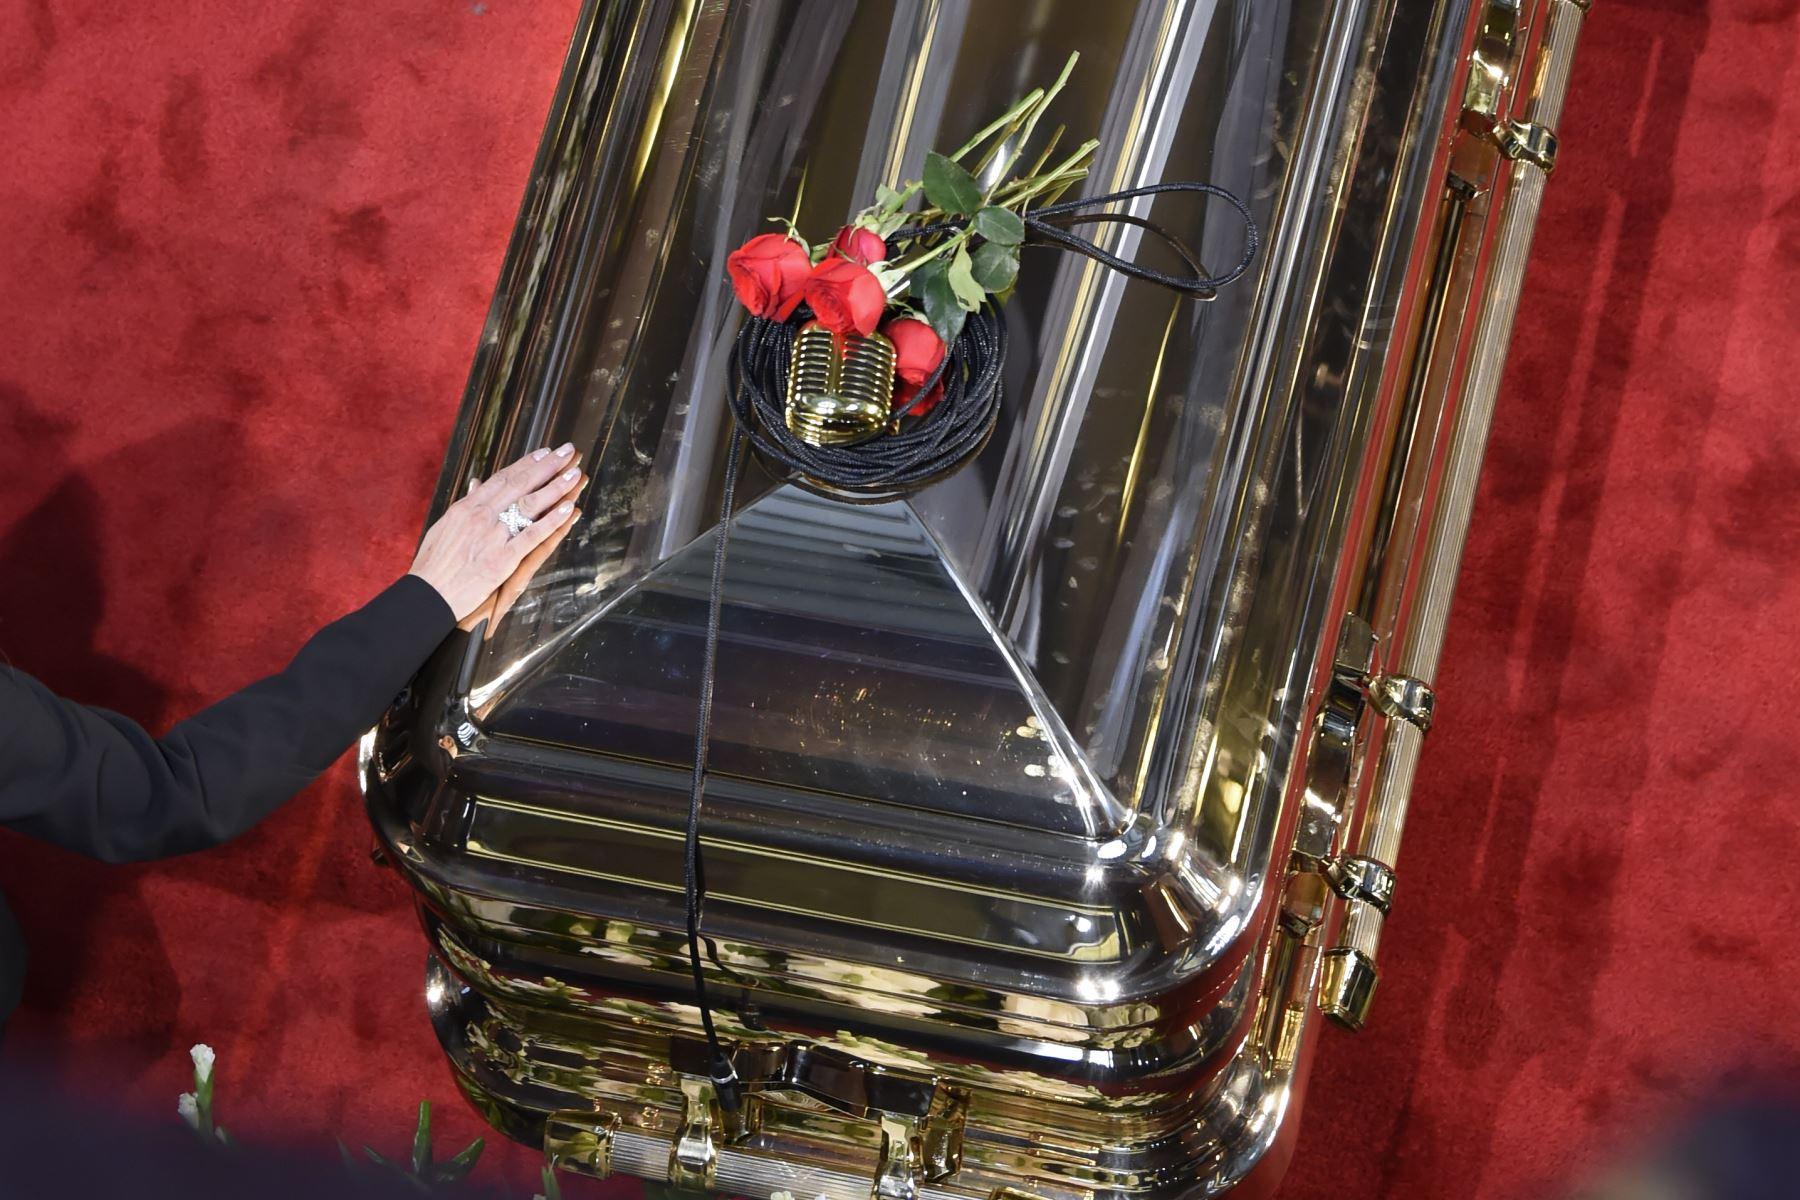 Un micro y rosas se ven en la parte superior del ataúd de la leyenda del canto mexicano fallecido, José José, durante un homenaje en el Palacio de Bellas Artes de la Ciudad de México. Foto: AFP